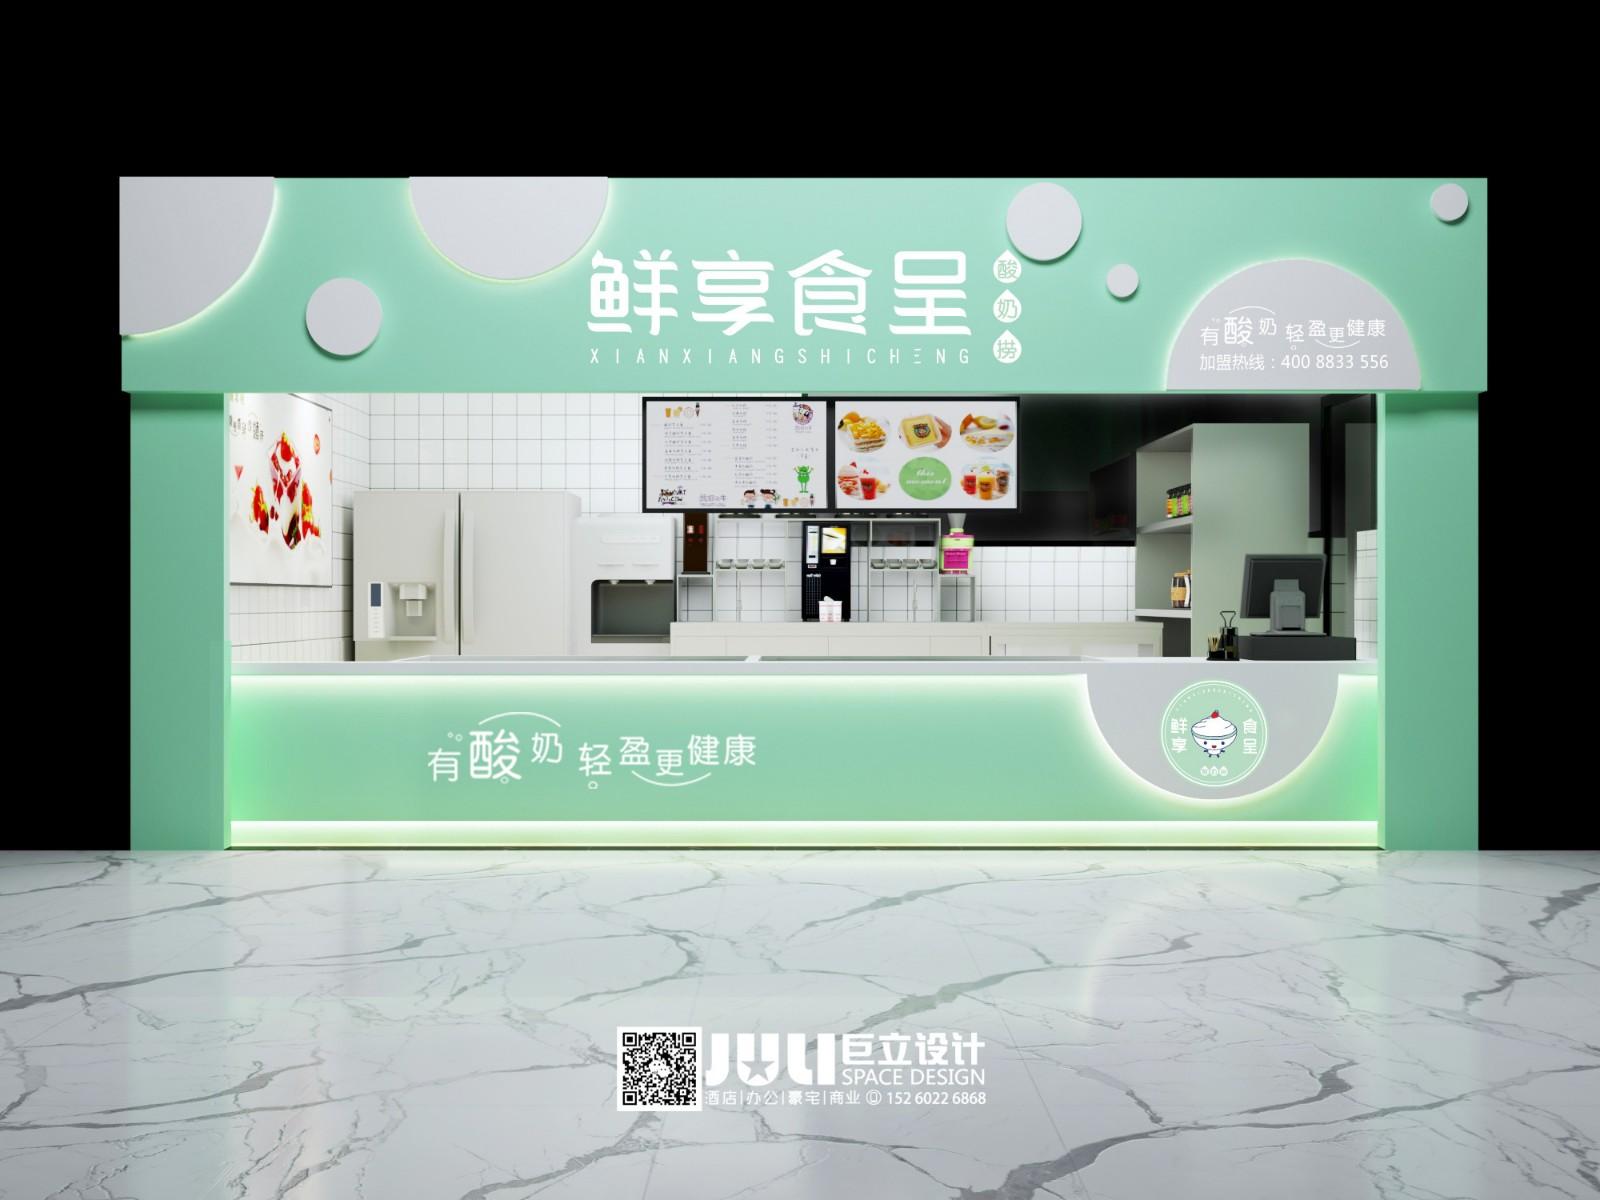 鲜享食呈华农珠江学院店设计项目